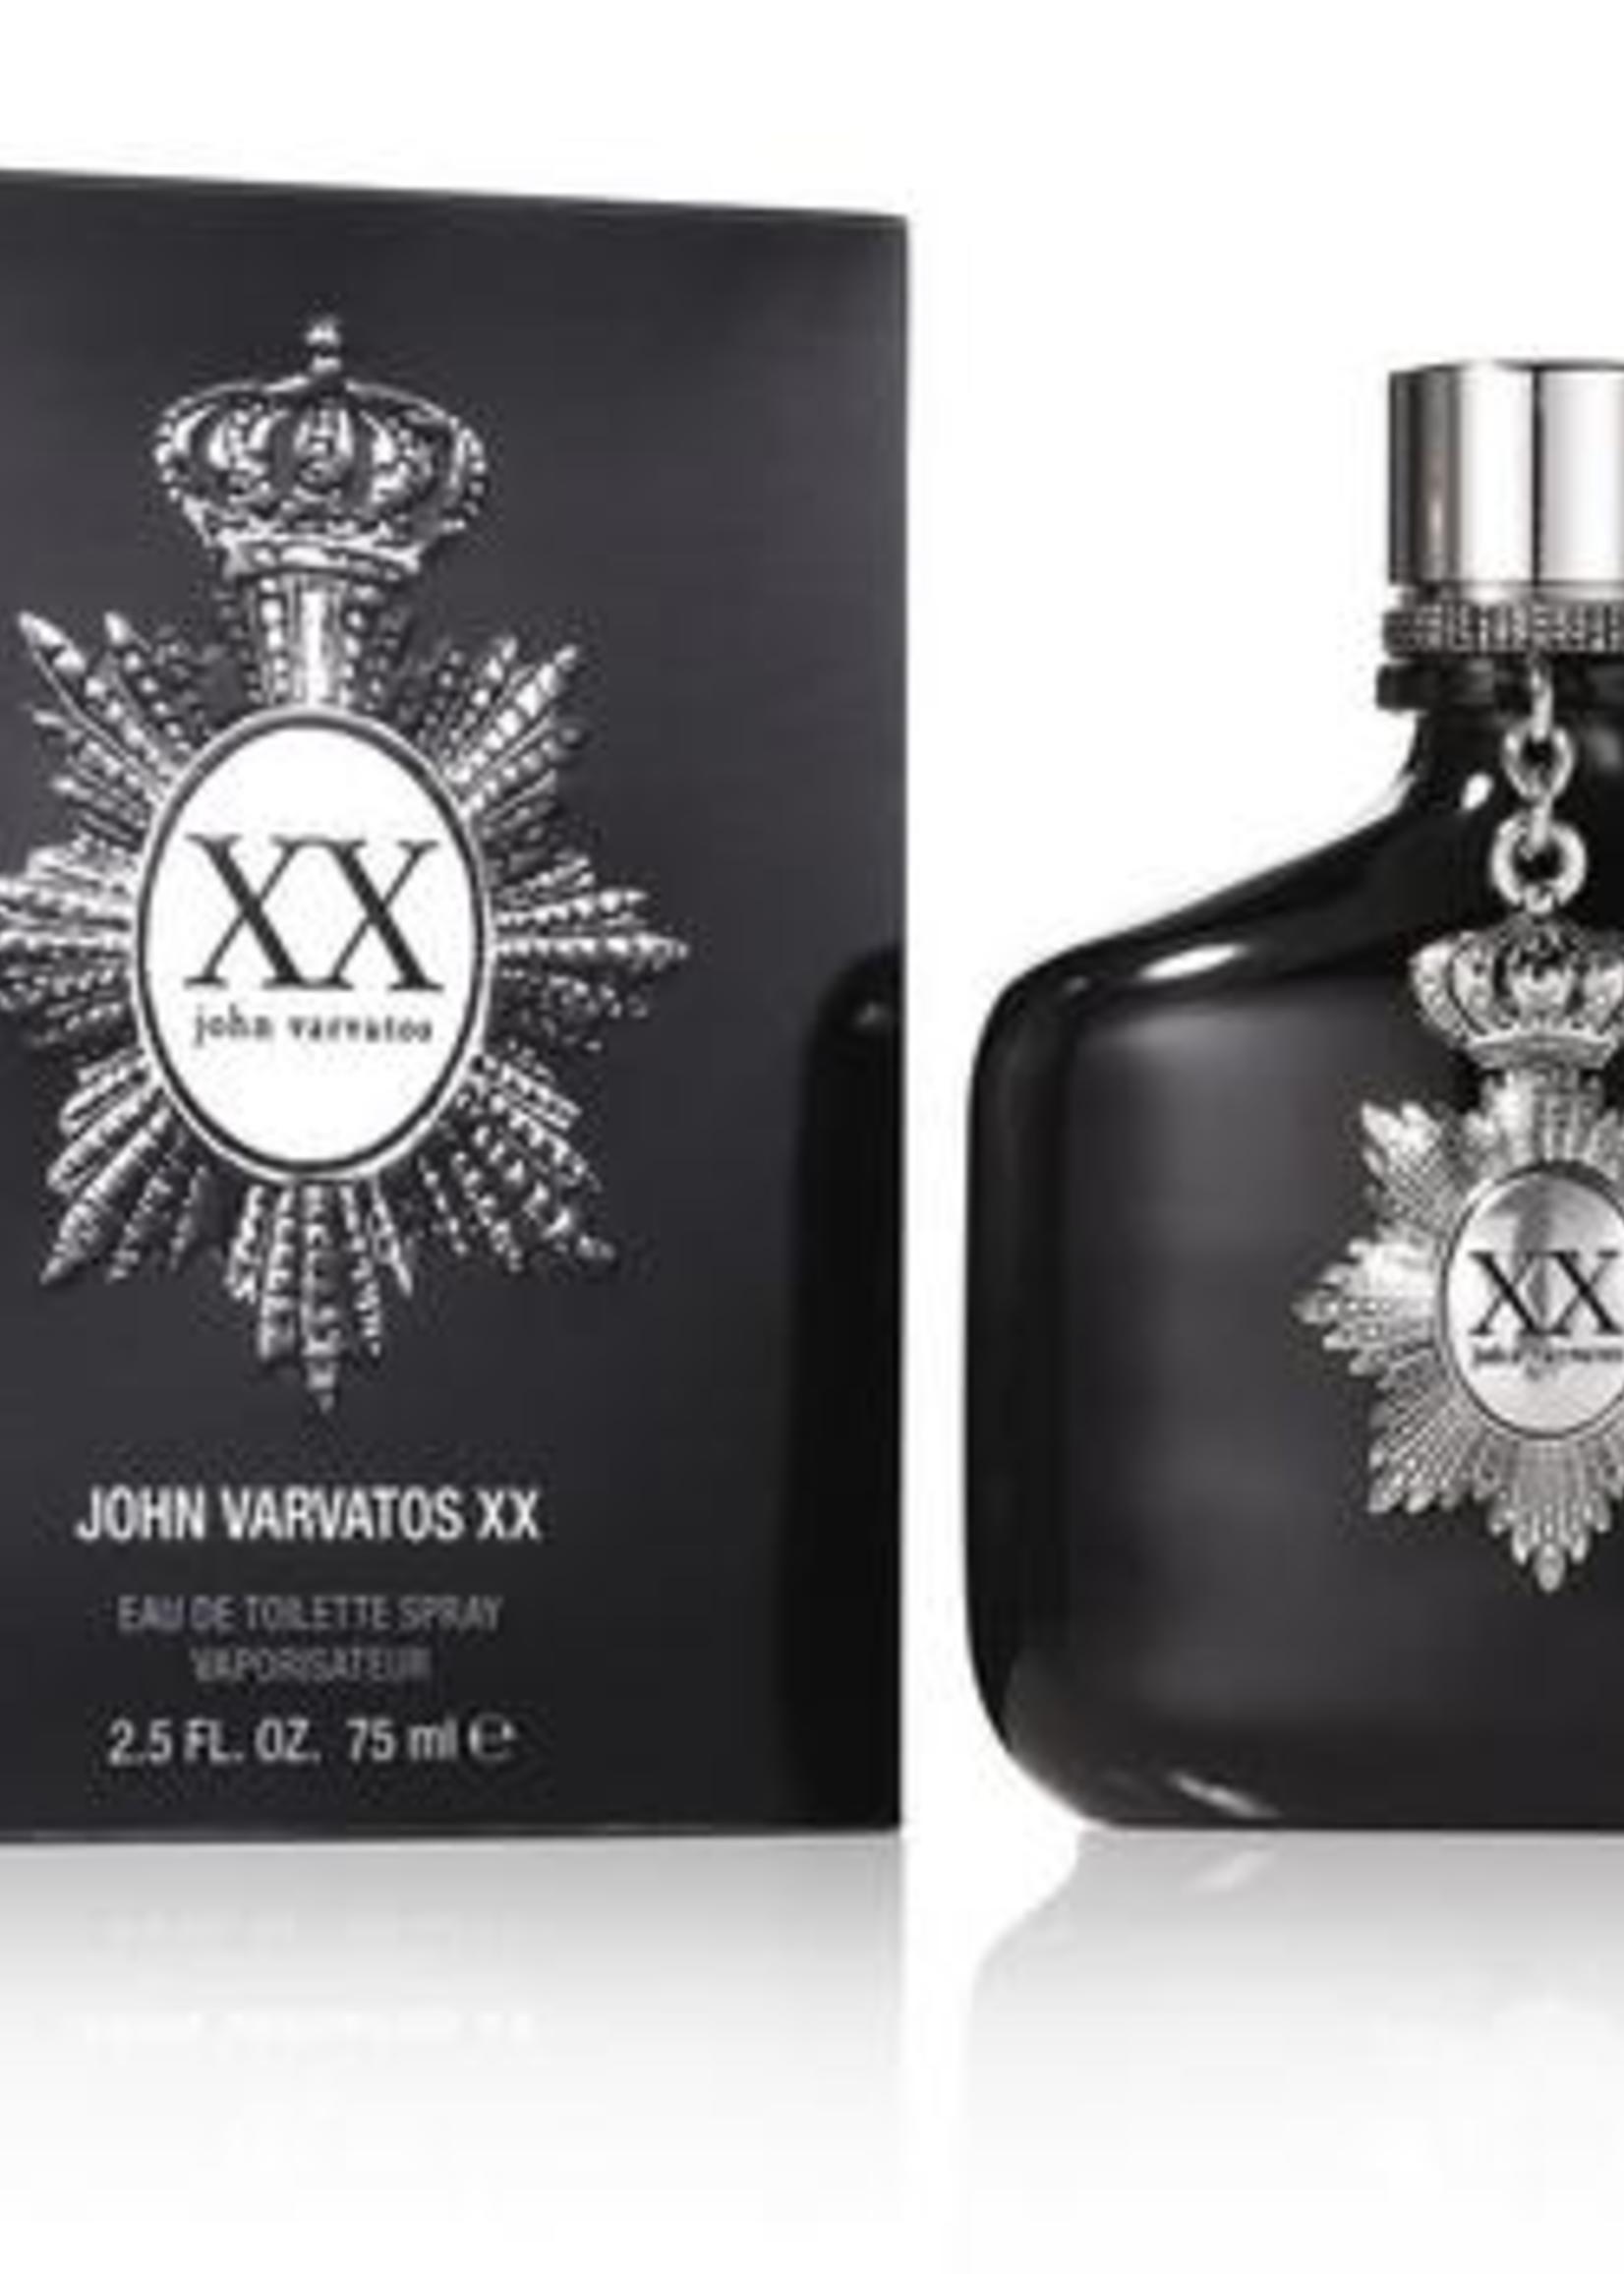 Niche Marketing and Sales Inc. JVXX Heritage 2.5 oz